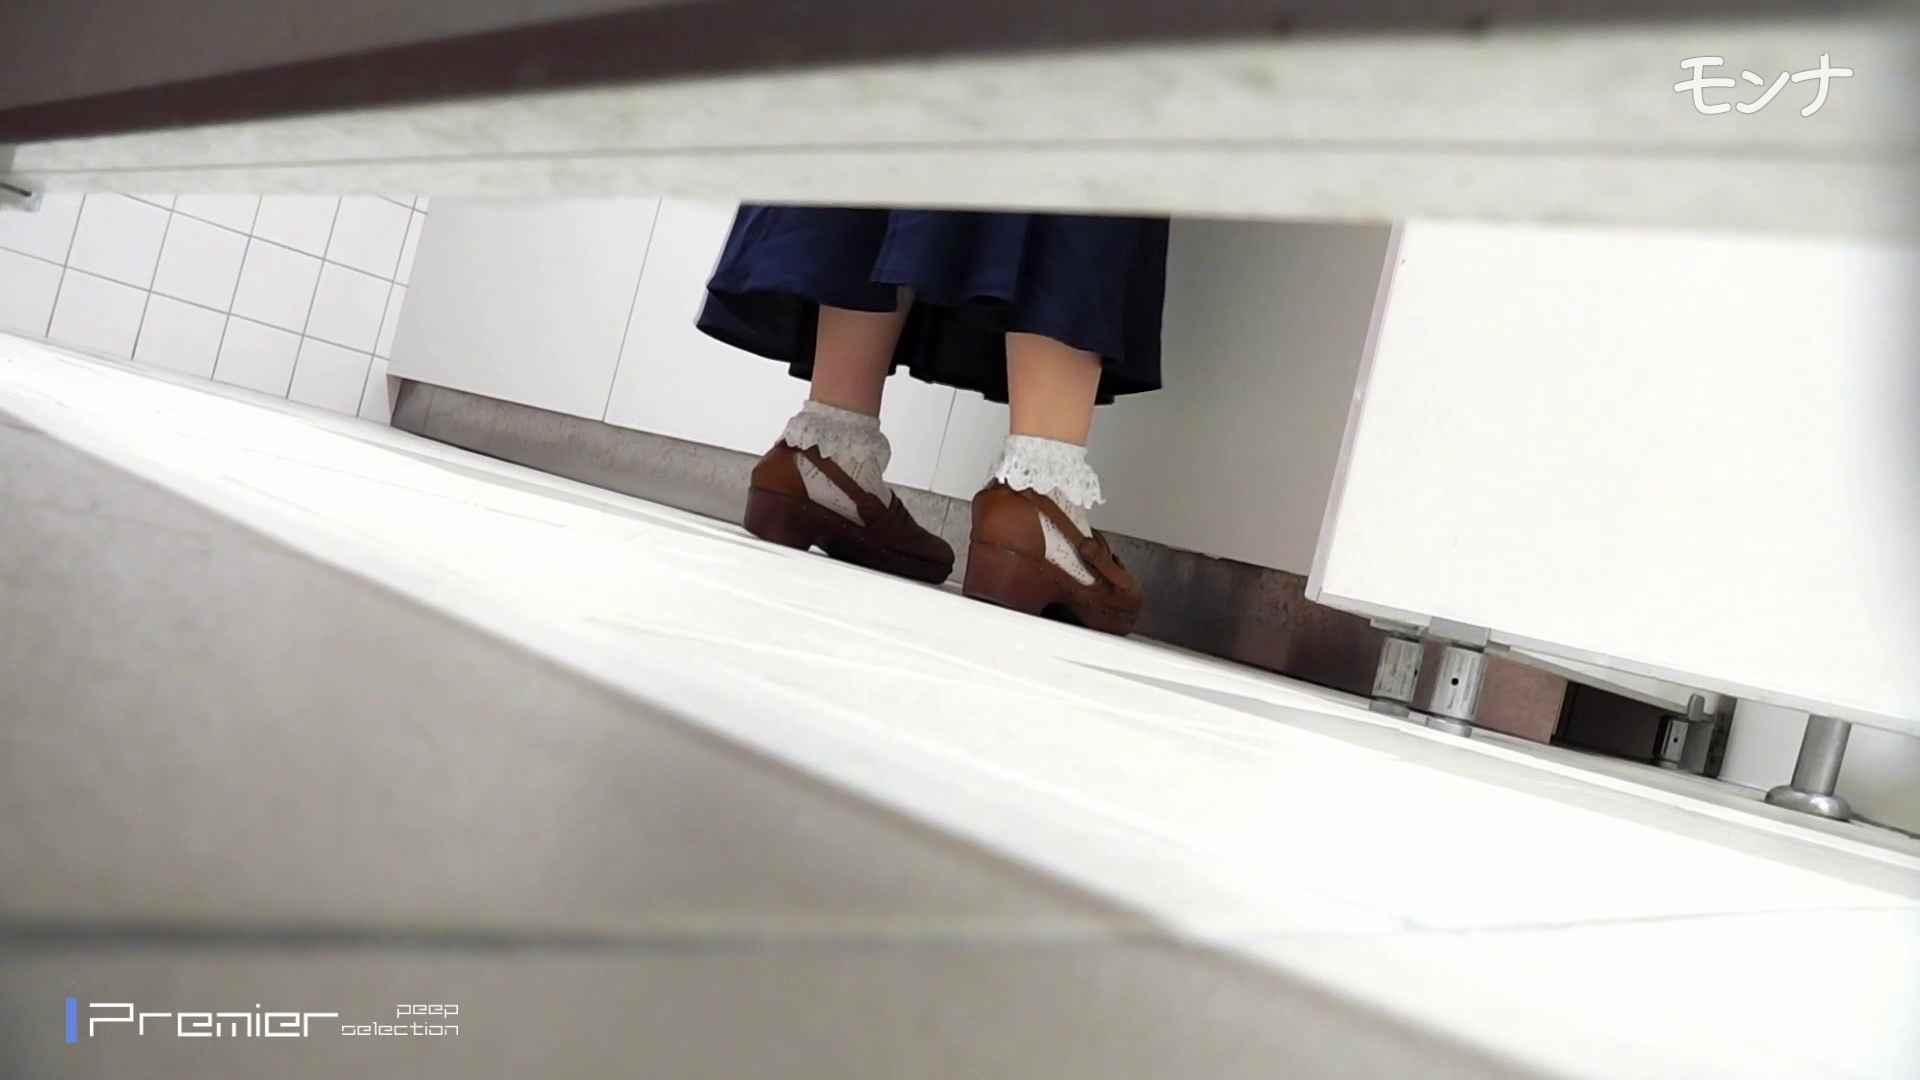 美しい日本の未来 No.55 普通の子たちの日常調長身あり ギャルズ  68画像 30